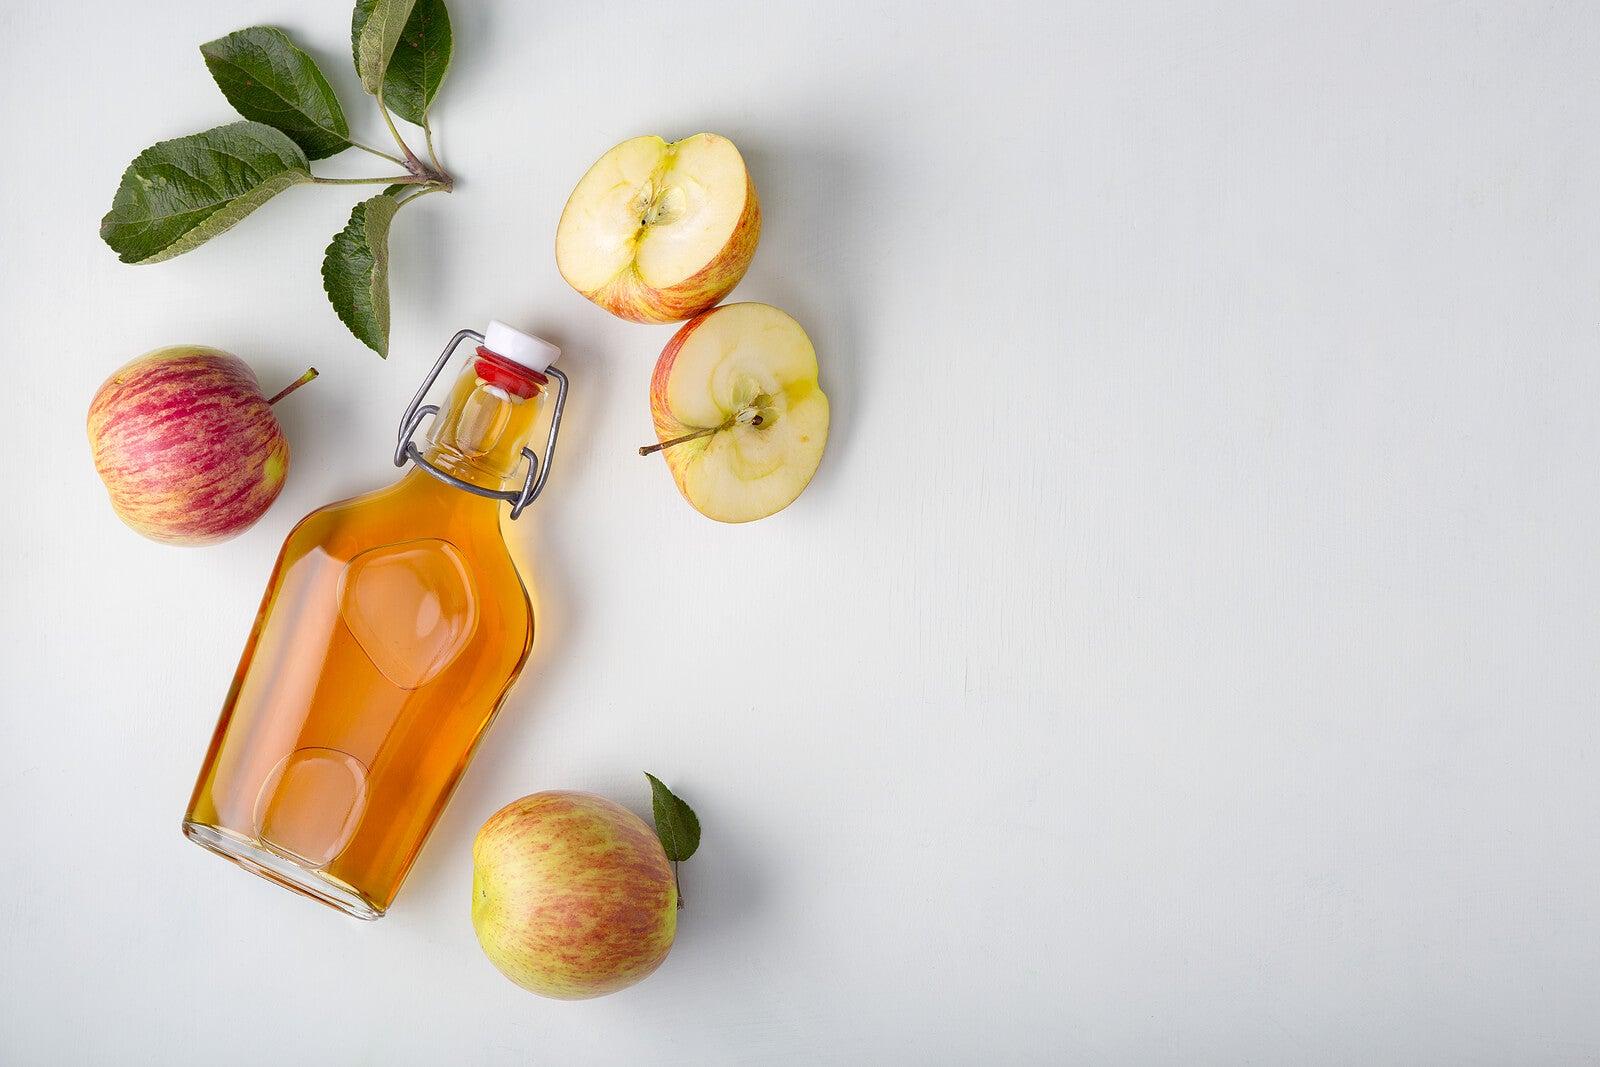 Botella con vinagre de sidra de manzana.